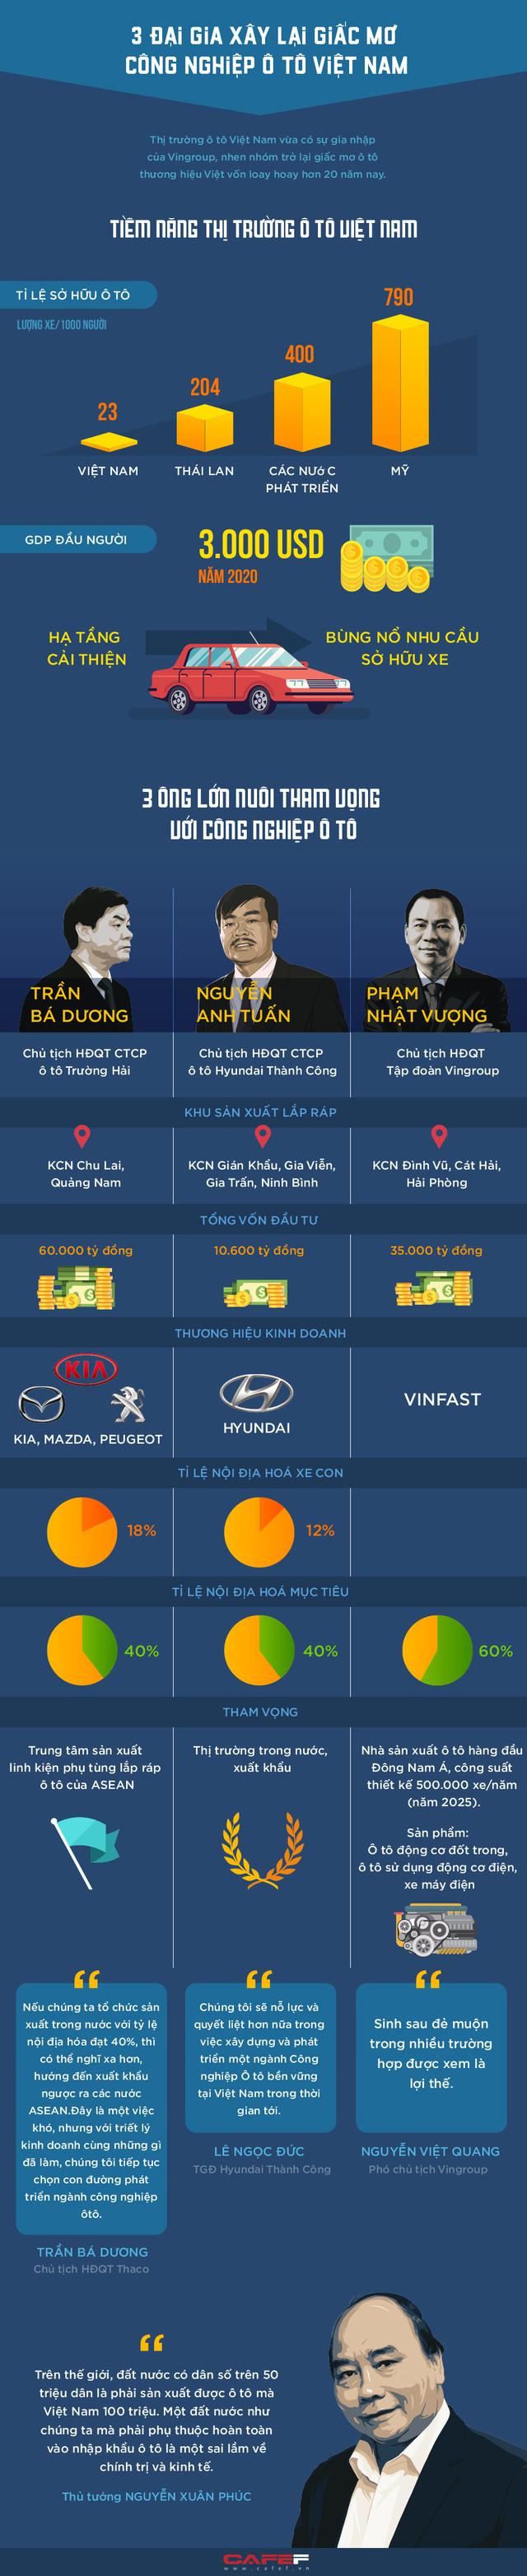 Infographic: Ba đại gia xây lại giấc mơ công nghiệp ô tô Việt Nam  - Ảnh 1.